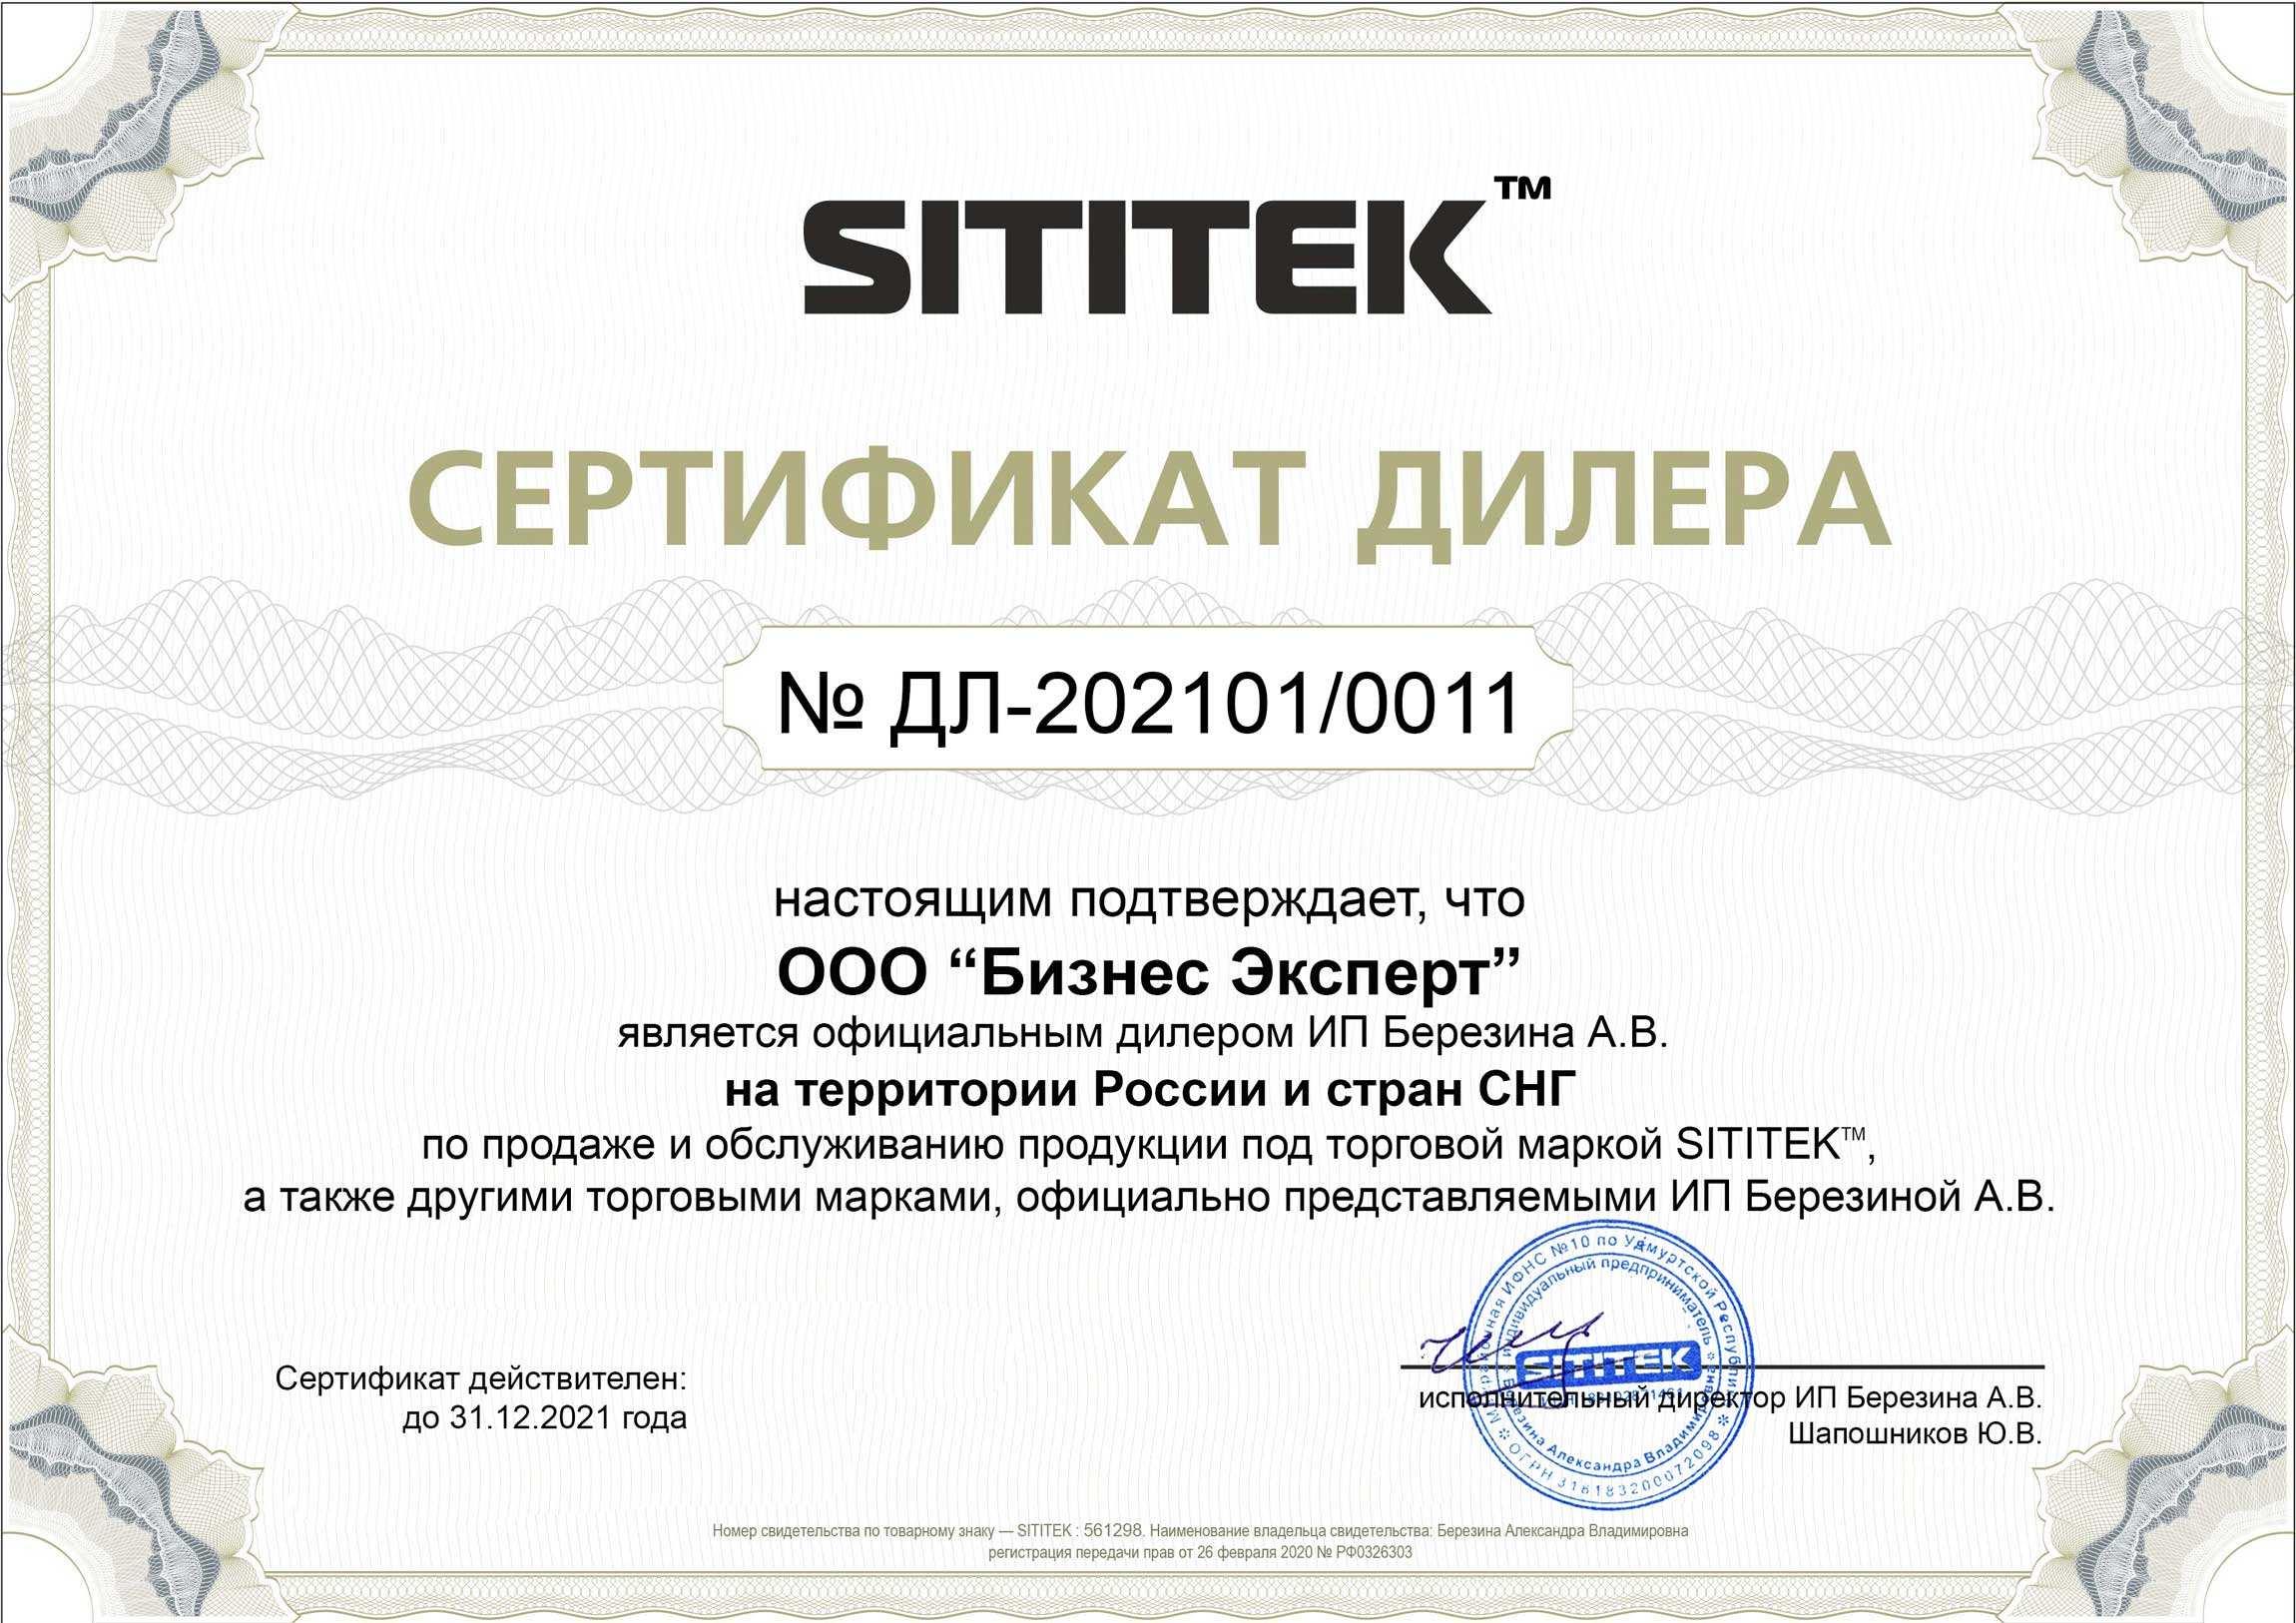 Сертификат о наличии у нас дилерских прав Сититек